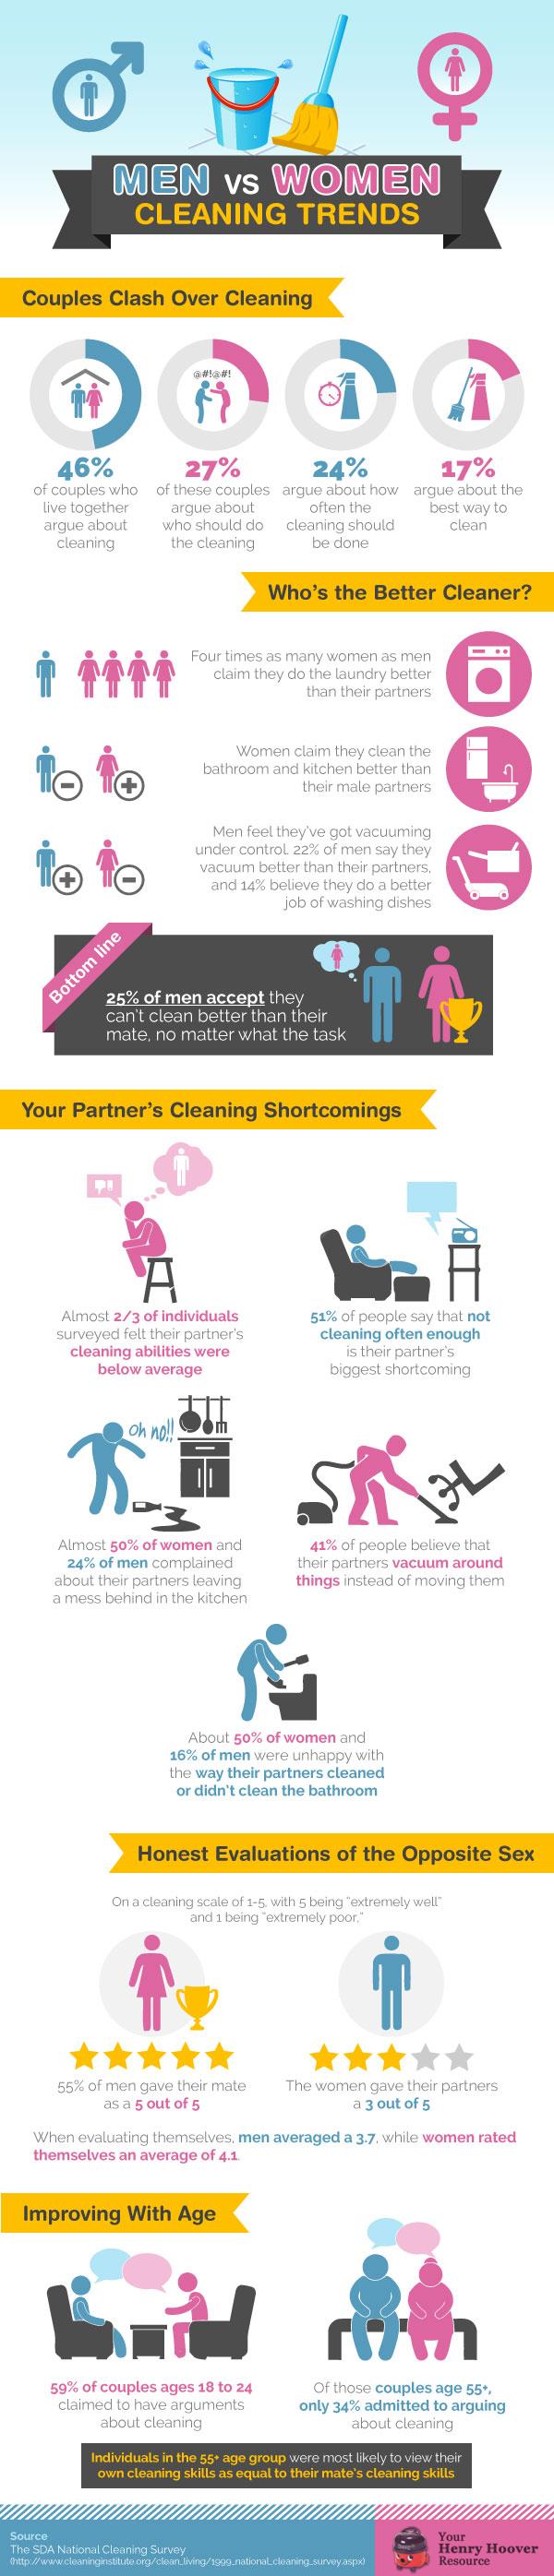 Men vs Women Cleaning Trends